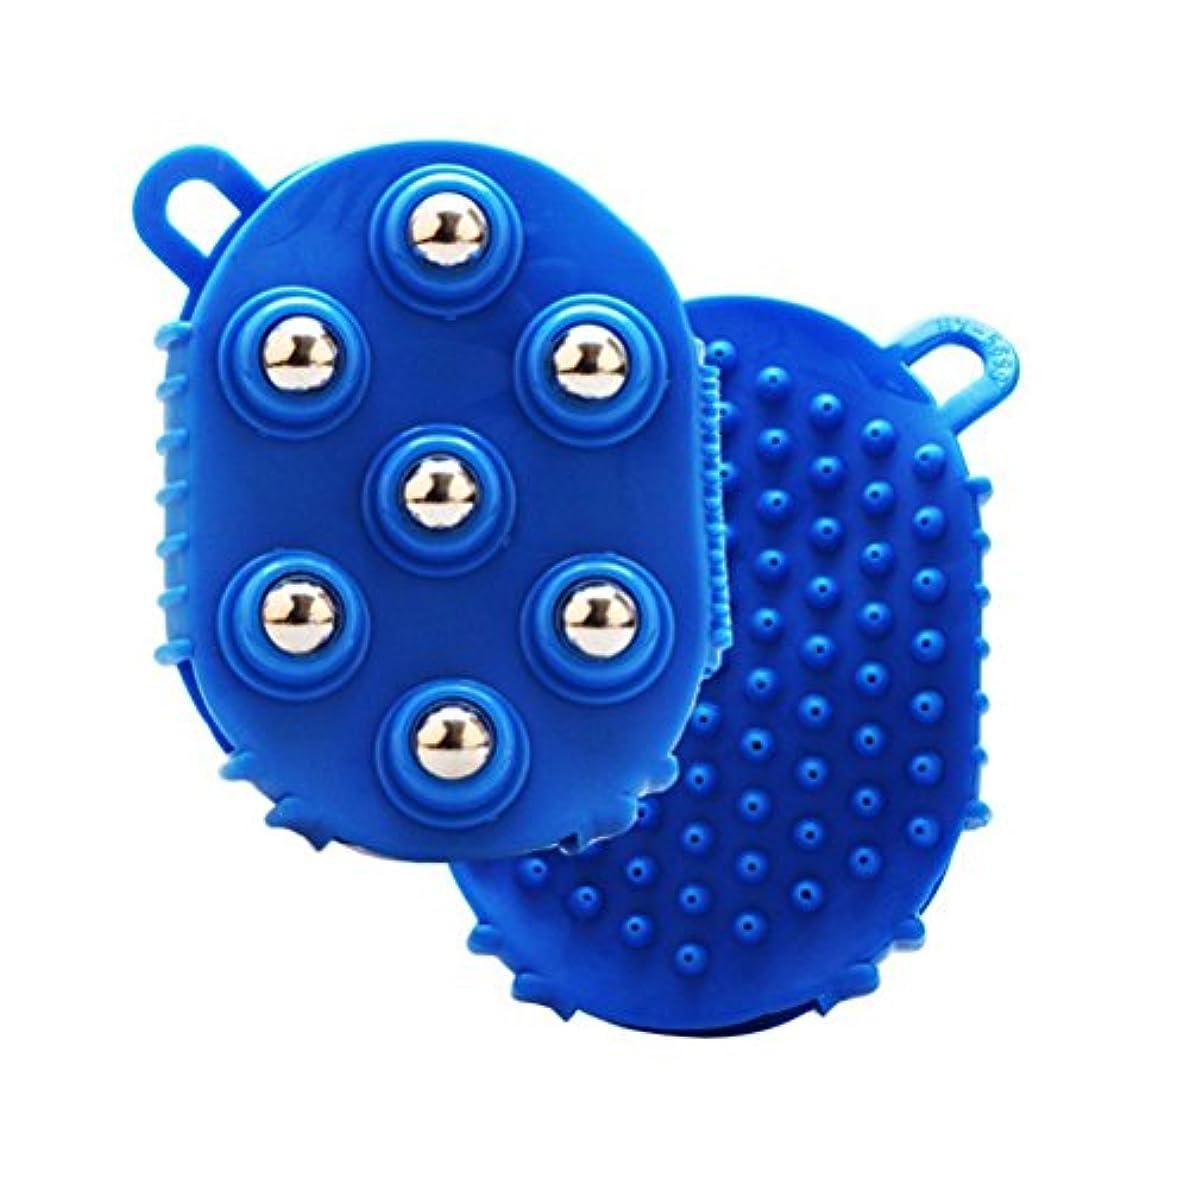 清める真実テクニカルROSENICE マッサージブラシ7痛みの筋肉の痛みを軽減するための金属ローラーボールボディマッサージャー(ブルー)